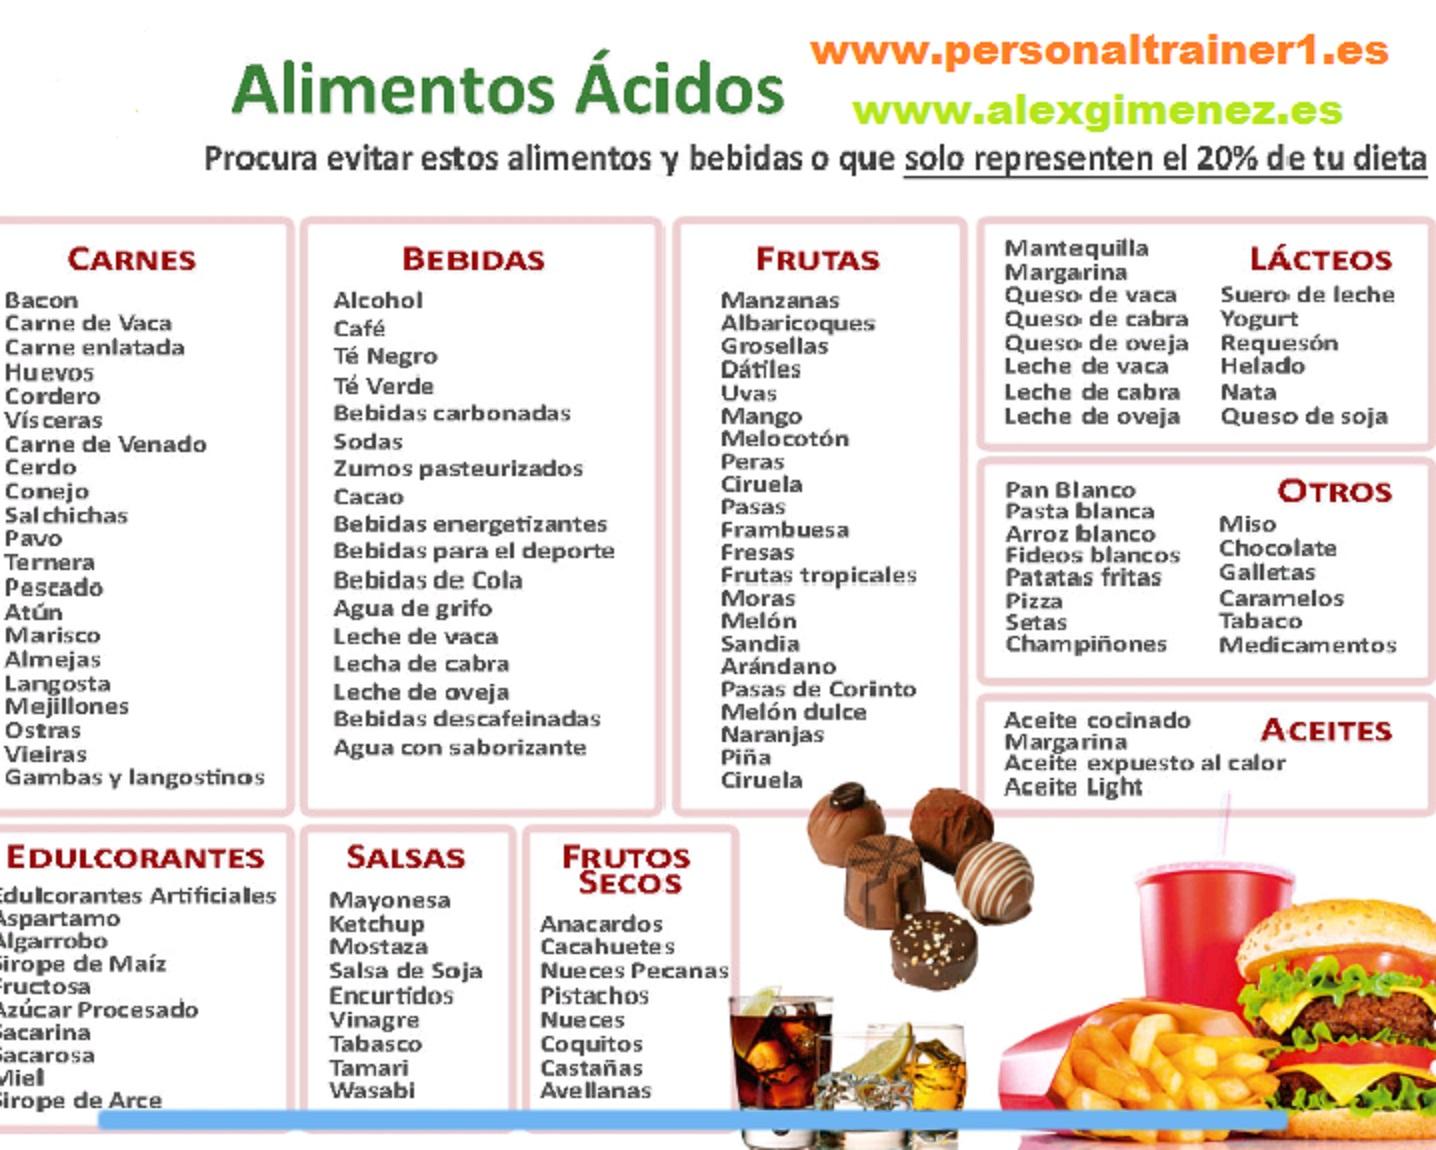 Tabla de alimentos acidificantes. Fuente: www.alexgimenez.es